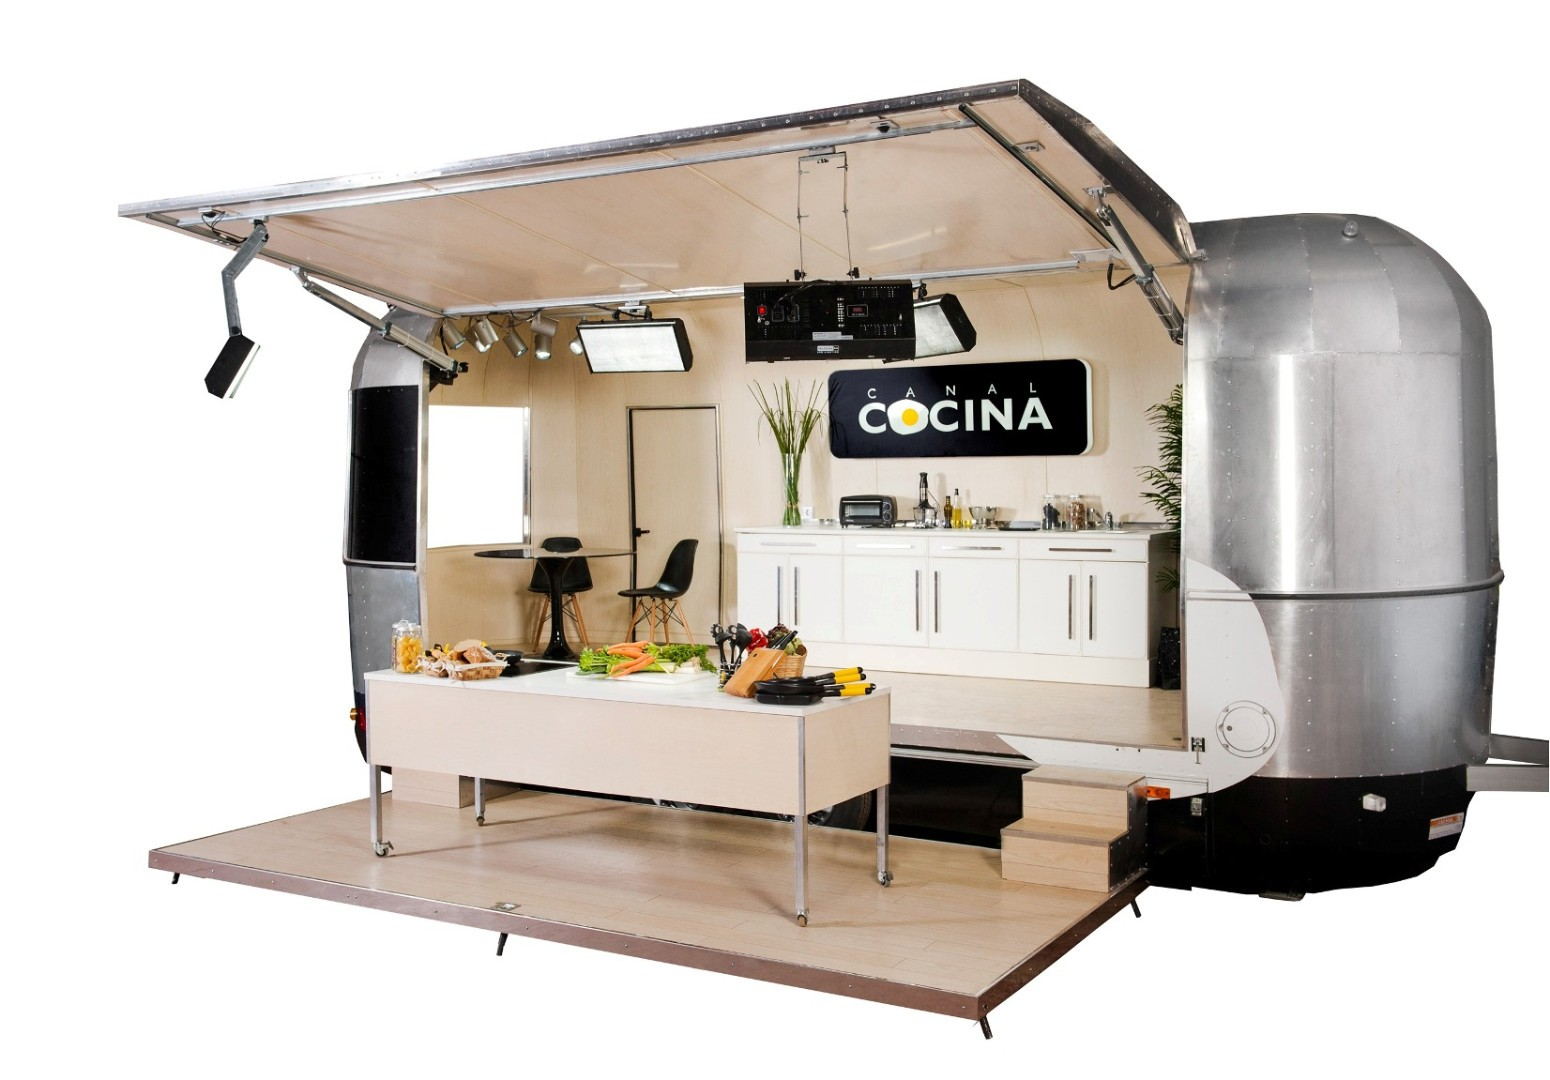 caravana Canal Cocina